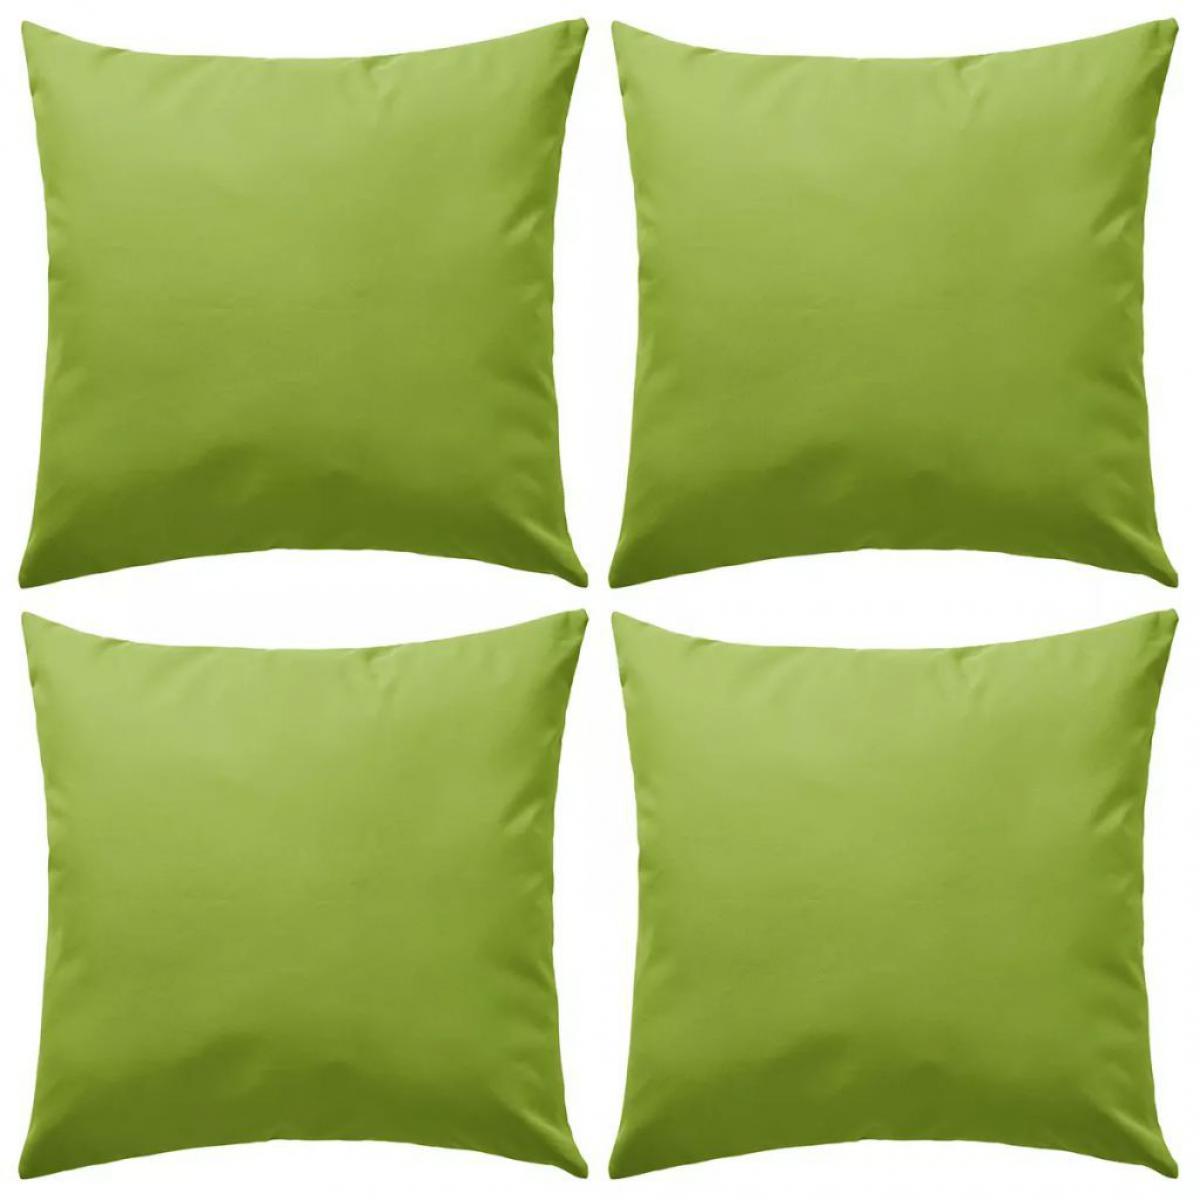 Decoshop26 Lot de 4 coussins oreiller pour extérieur décoration jardin 45 x 45 cm vert pomme DEC020091